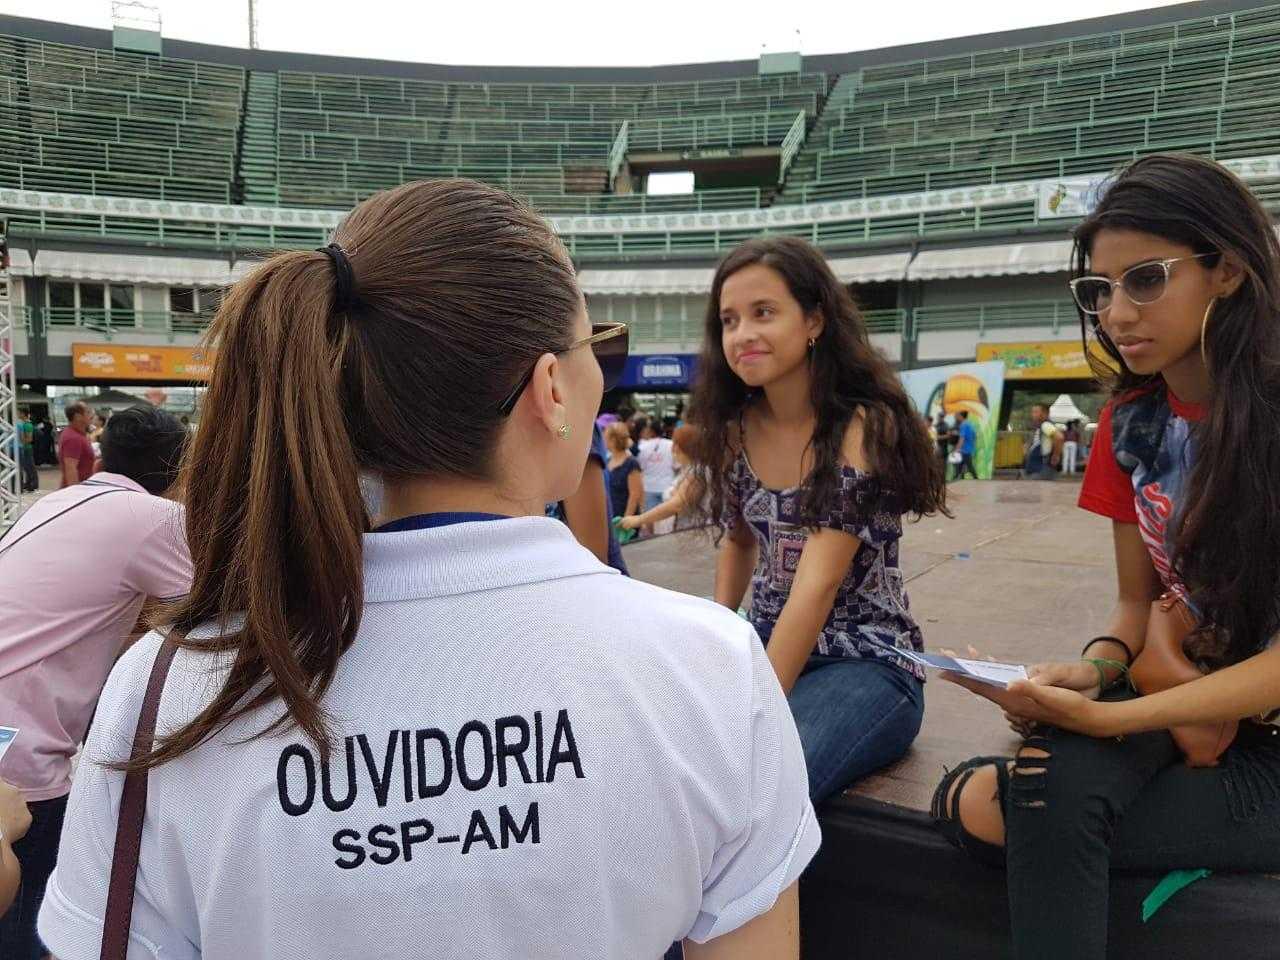 Conforme relatório de atividades, o órgão registrou 220 manifestações em seis meses / Foto : Divulgação